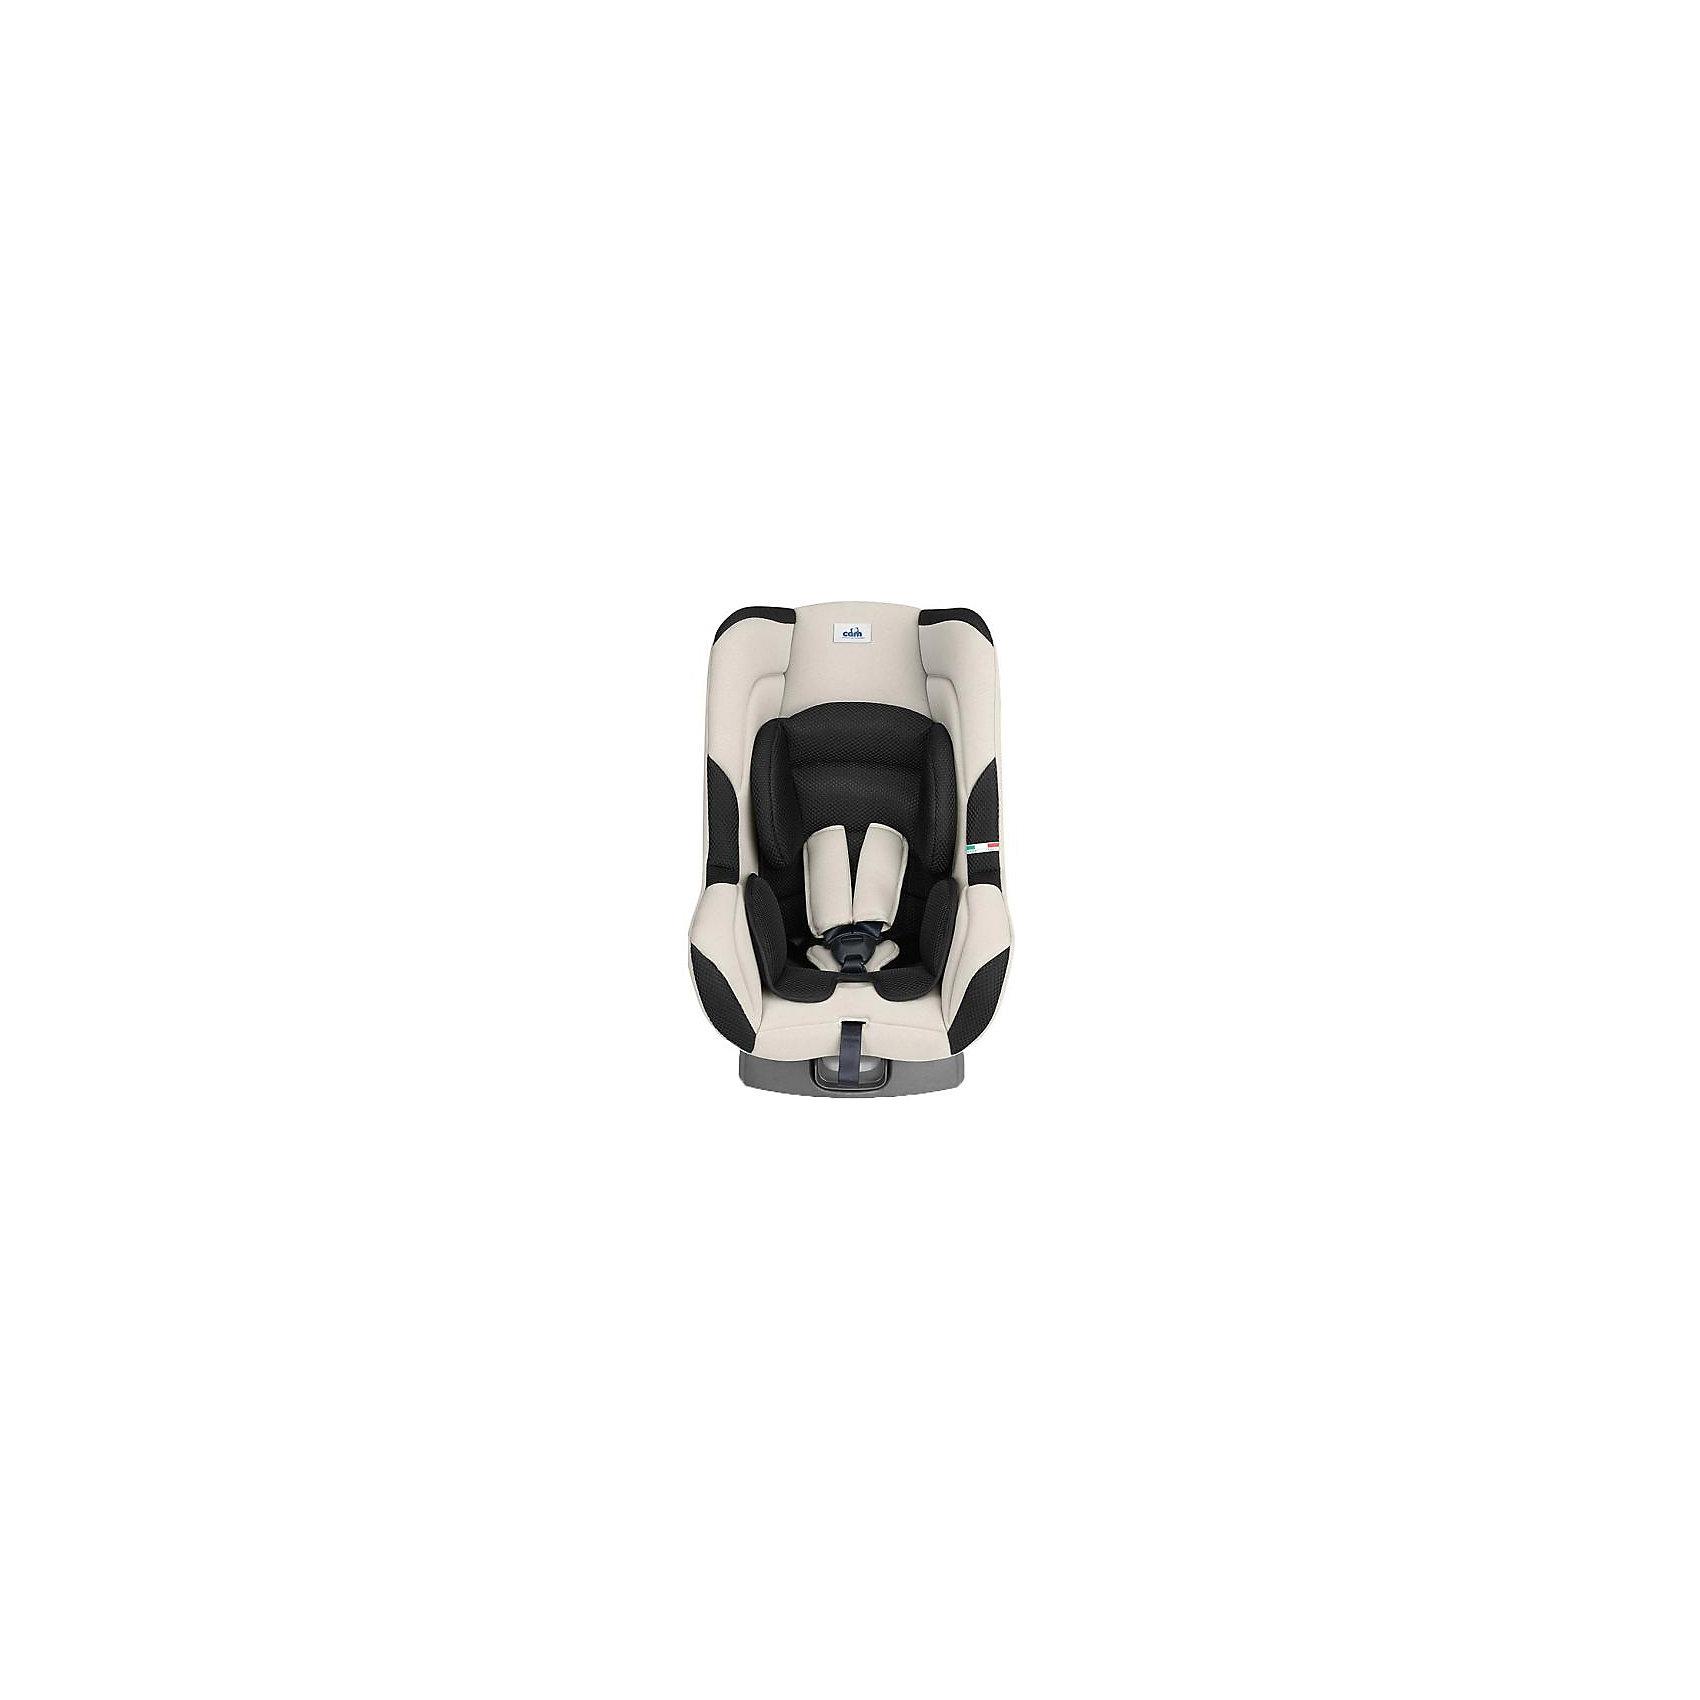 Автокресло CAM Auto Gara, 0-18 кг, бежевый/черныйГруппа 0+, 1 (До 18 кг)<br>Автокресло Auto Gara (Авто Гара), CAM (КАМ) - комфортная надежная модель, которая сделает поездку Вашего ребенка приятной и безопасной. Эргономичное сиденье кресла обеспечивает комфорт и правильное положение позвоночника во время длительных поездок. Для<br>новорожденных предусмотрена съемная мягкая анатомическая вставка. Наклон спинки можно регулировать в 5 положениях, включая положение для сна. Кресло оснащено 5-точечными ремнями безопасности с центральной регулировкой и мягкими плечевыми накладками. Усиленная<br>боковая защита и корпус из прочного пластика уберегут ребёнка от серьезных травм. <br><br>Автокресло легко и надежно фиксируется при помощи штатных ремней безопасности. Для малышей от 0 до 9 месяцев автокресло устанавливается на заднем сиденье лицом против движения авто, для малышей после 9 месяцев кресло устанавливается лицом по ходу движения<br>автомобиля. Кресло изготовлено из высококачественных материалов, съемные тканевые чехлы можно стирать при температуре 30 градусов. Рассчитано на детей от 0 до 3-4 лет, весом 0-18 кг. Кресло имеет европейский сертификат безопасности ЕСЕ R44/03.<br><br><br>Дополнительная информация:<br><br>- Цвет: бежевый/черный.<br>- Группа: 0/1 (от 0 до 18 кг.).<br>- Материал: текстиль, пластик.<br>- Размеры: 43 х 60 х 61 см.<br>- Вес: 6,5 кг.<br><br>Автокресло Auto Gara, 0-18 кг., CAM, бежевый/черный, можно купить в нашем интернет-магазине.<br><br>Ширина мм: 603<br>Глубина мм: 417<br>Высота мм: 880<br>Вес г: 6580<br>Возраст от месяцев: 0<br>Возраст до месяцев: 48<br>Пол: Унисекс<br>Возраст: Детский<br>SKU: 4761358